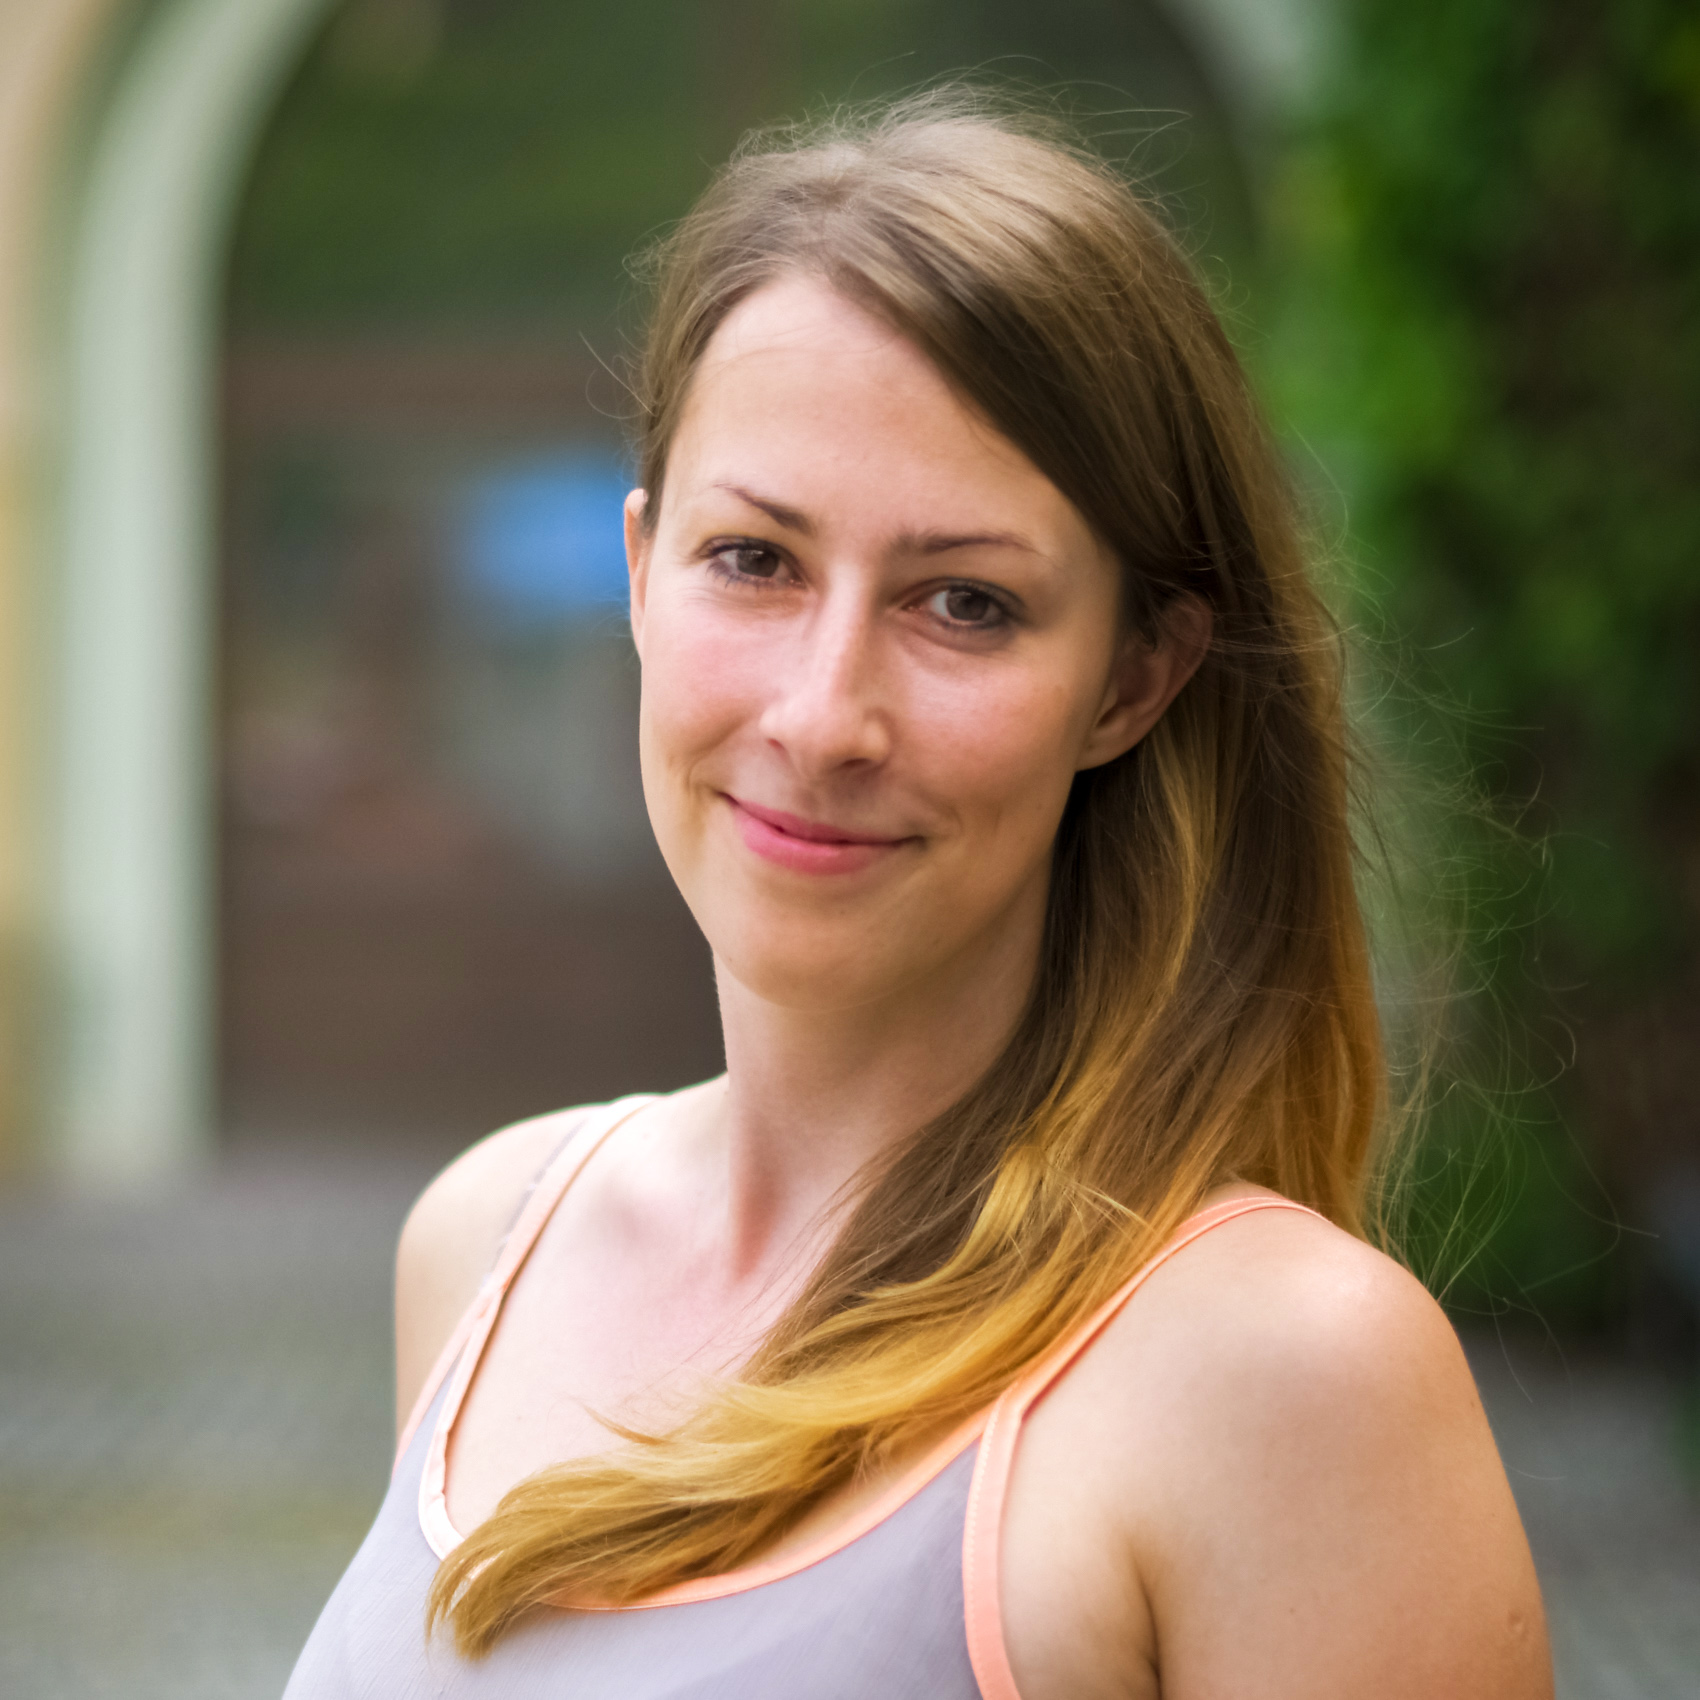 Vědátor s Kristýnou Janečkovou: O hledání smyslu života, vesmíru a vůbec